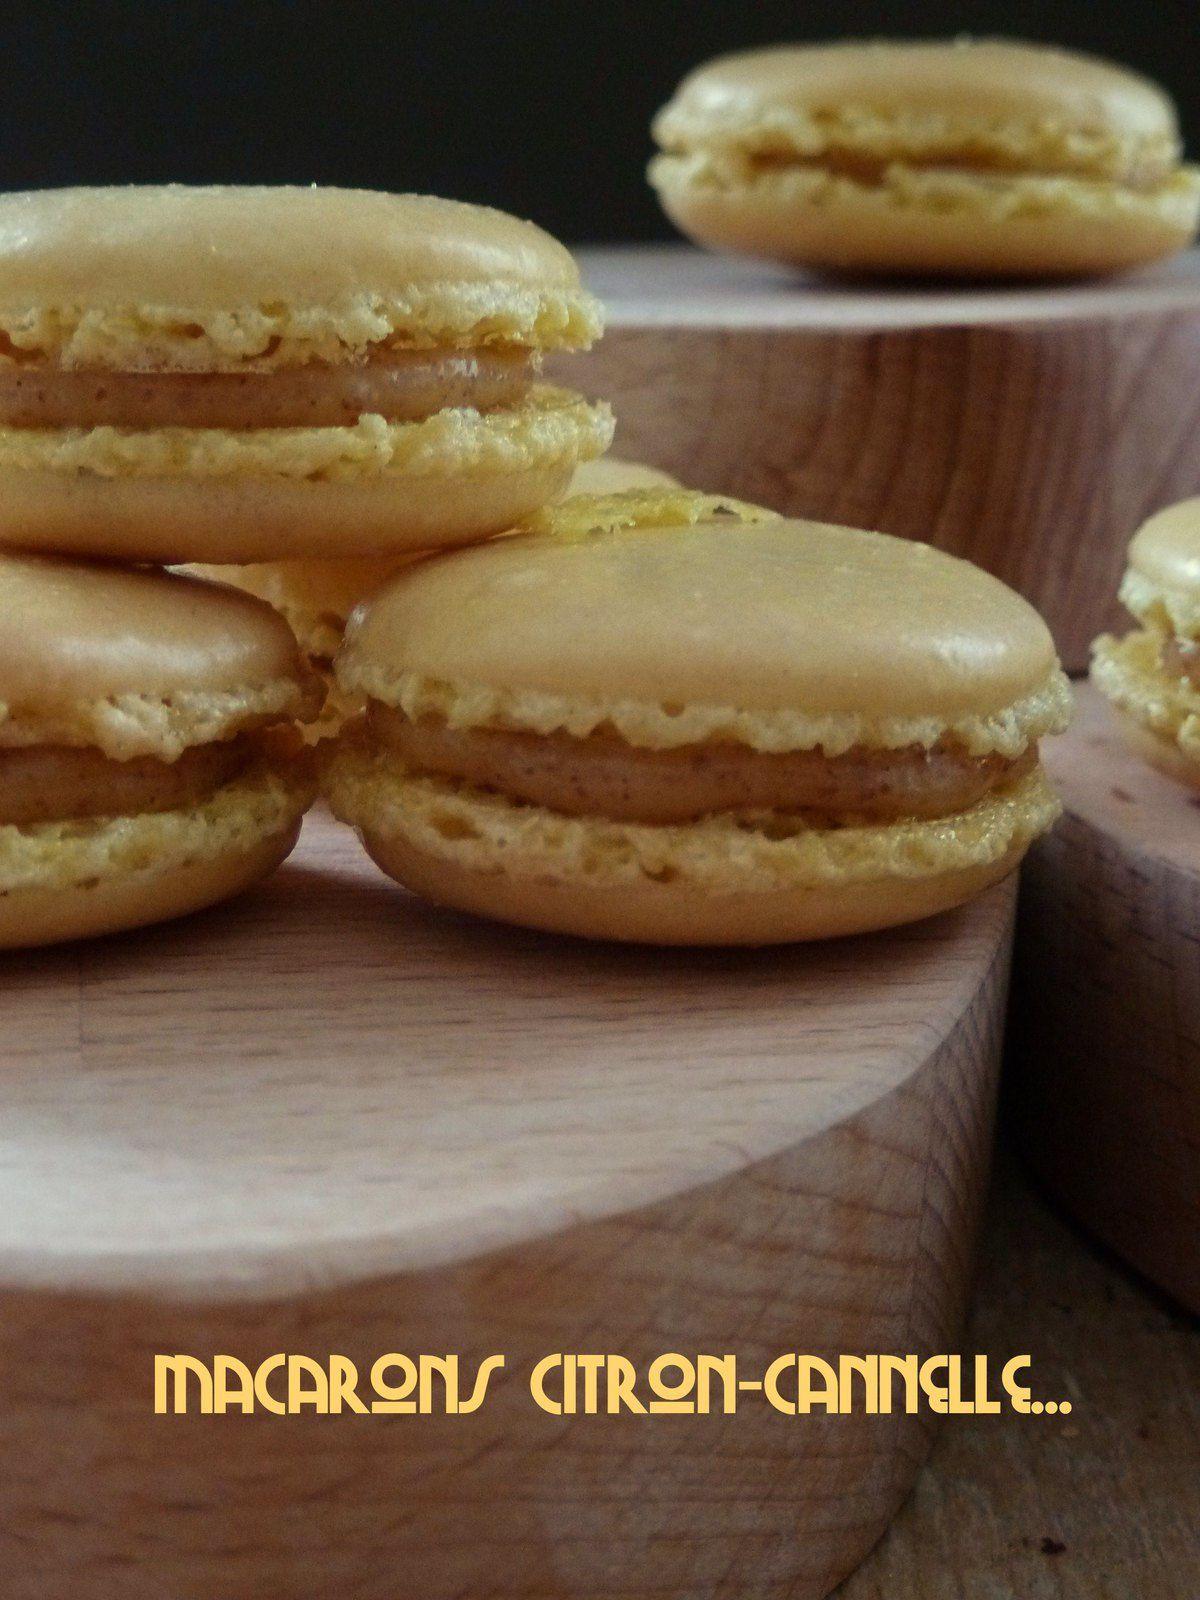 Macaron citron-cannelle